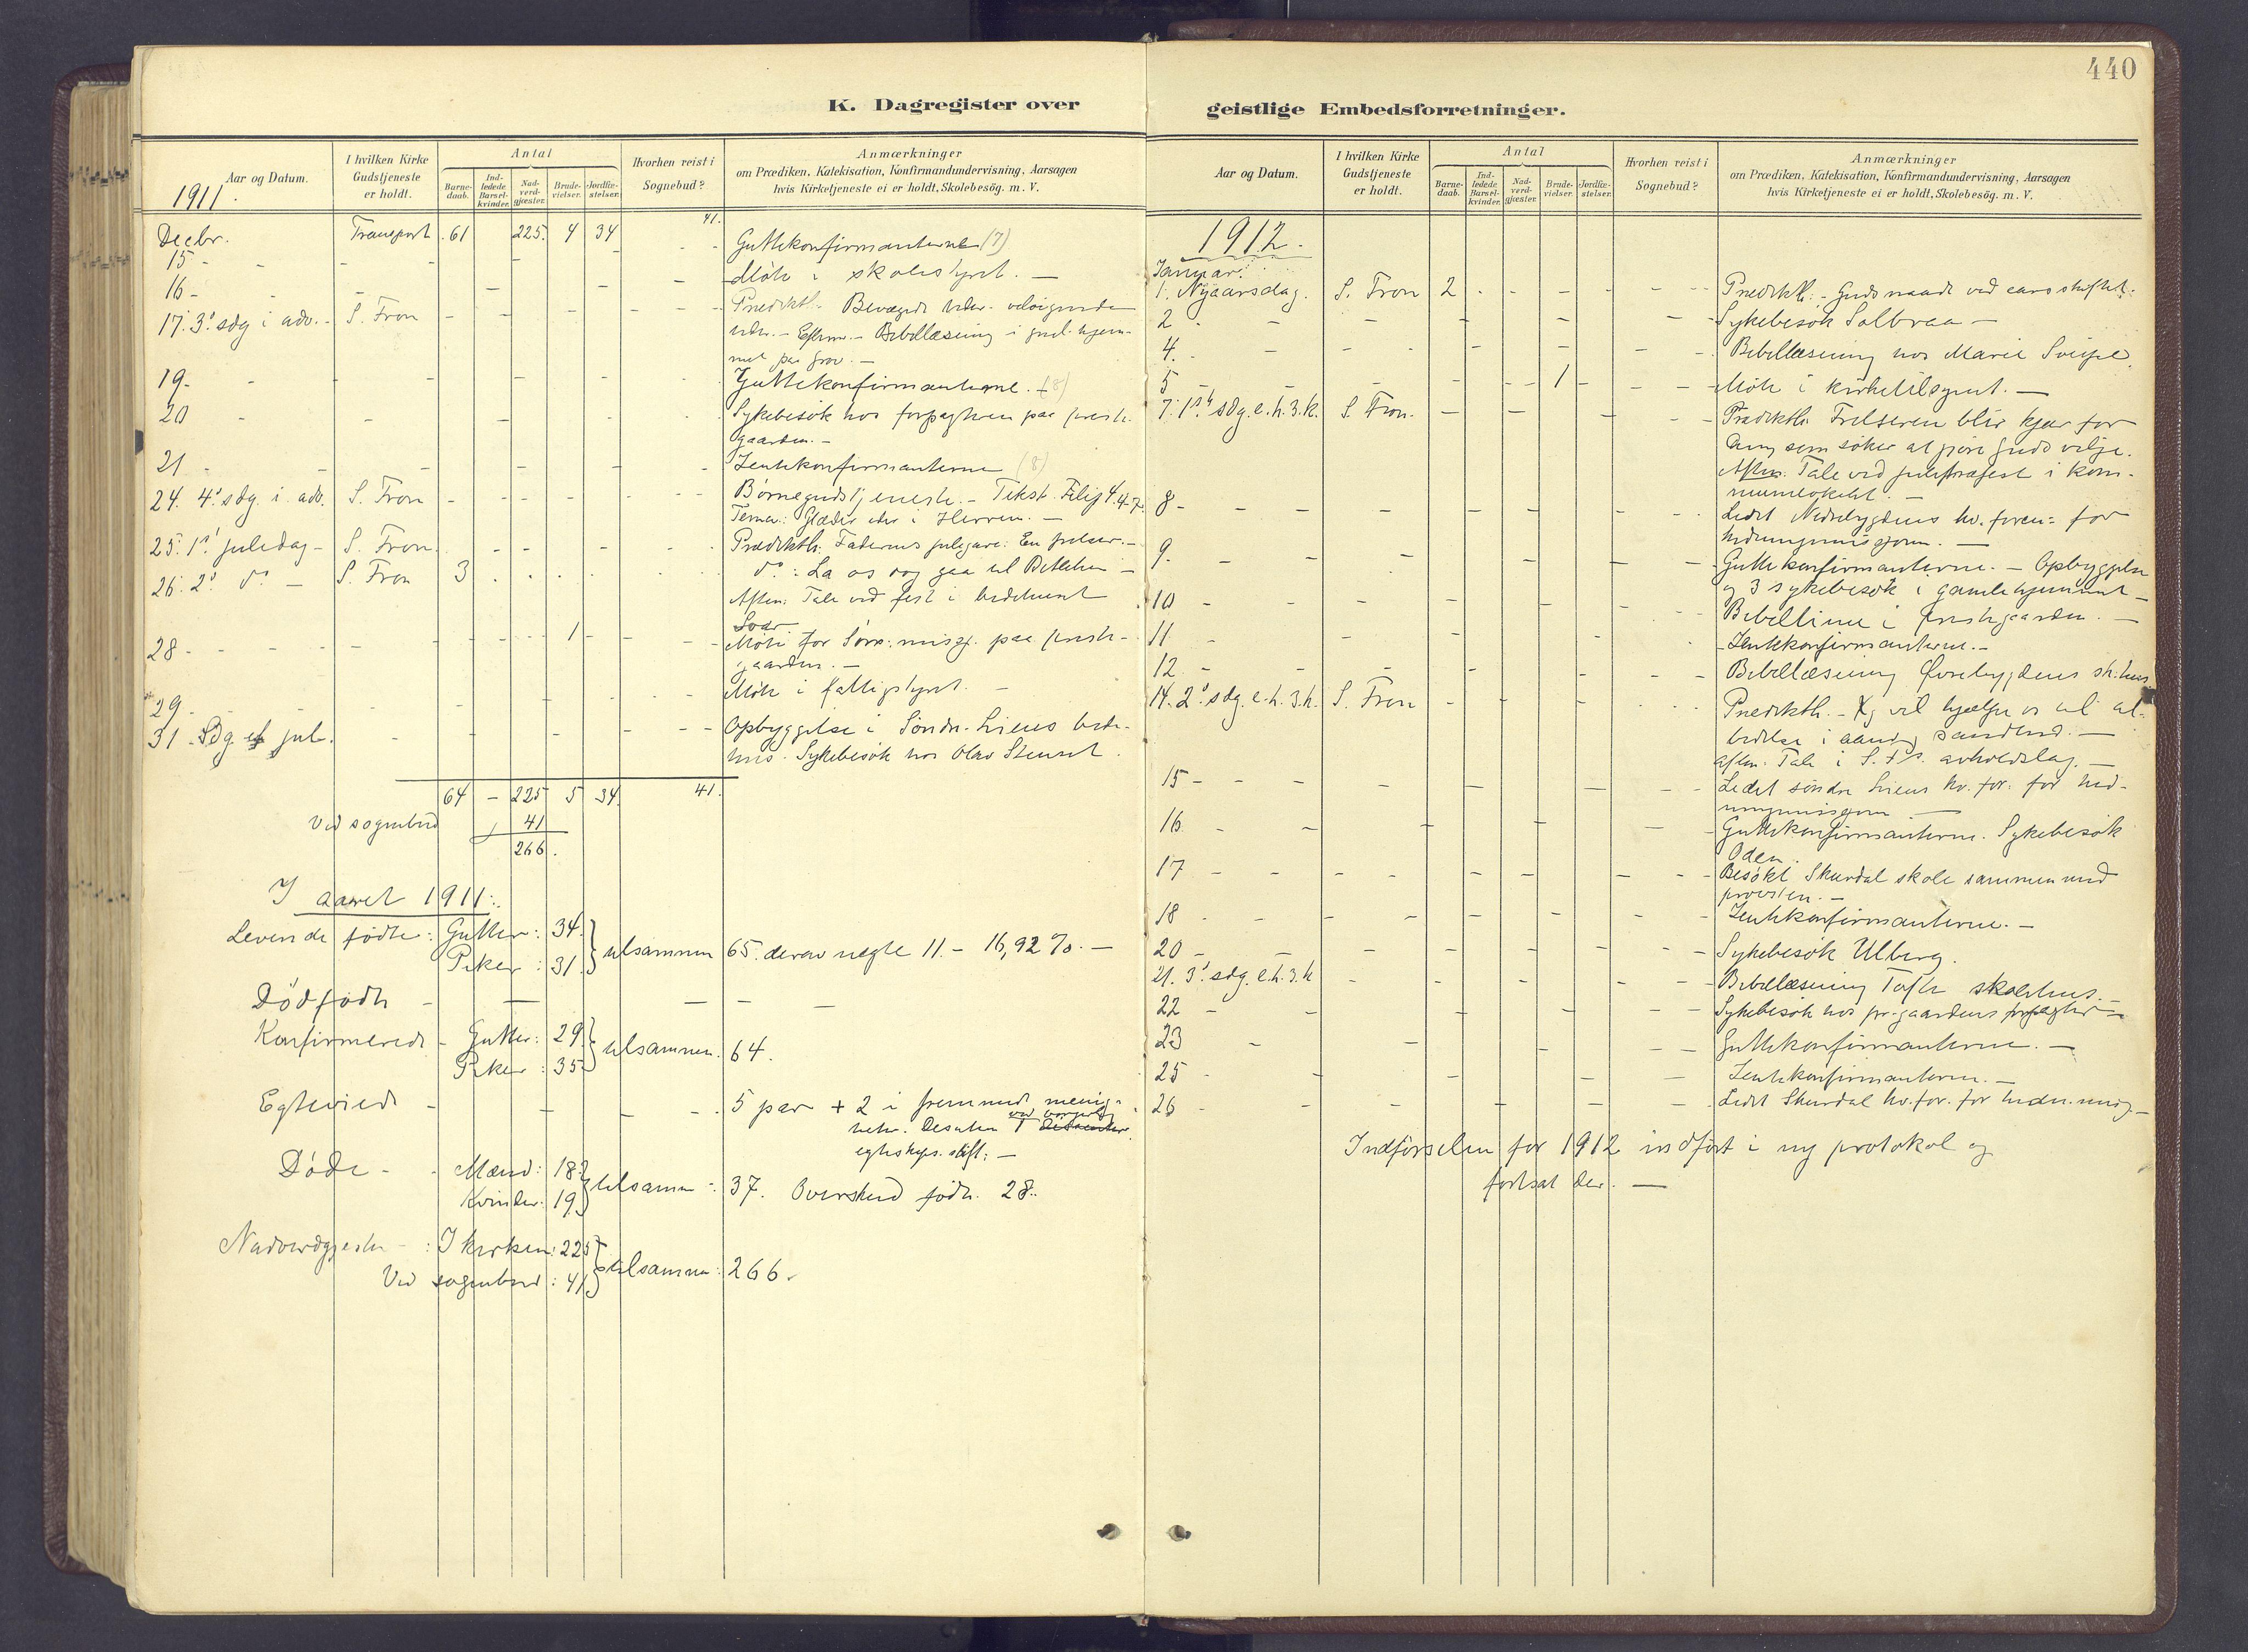 SAH, Sør-Fron prestekontor, H/Ha/Haa/L0004: Parish register (official) no. 4, 1898-1919, p. 440